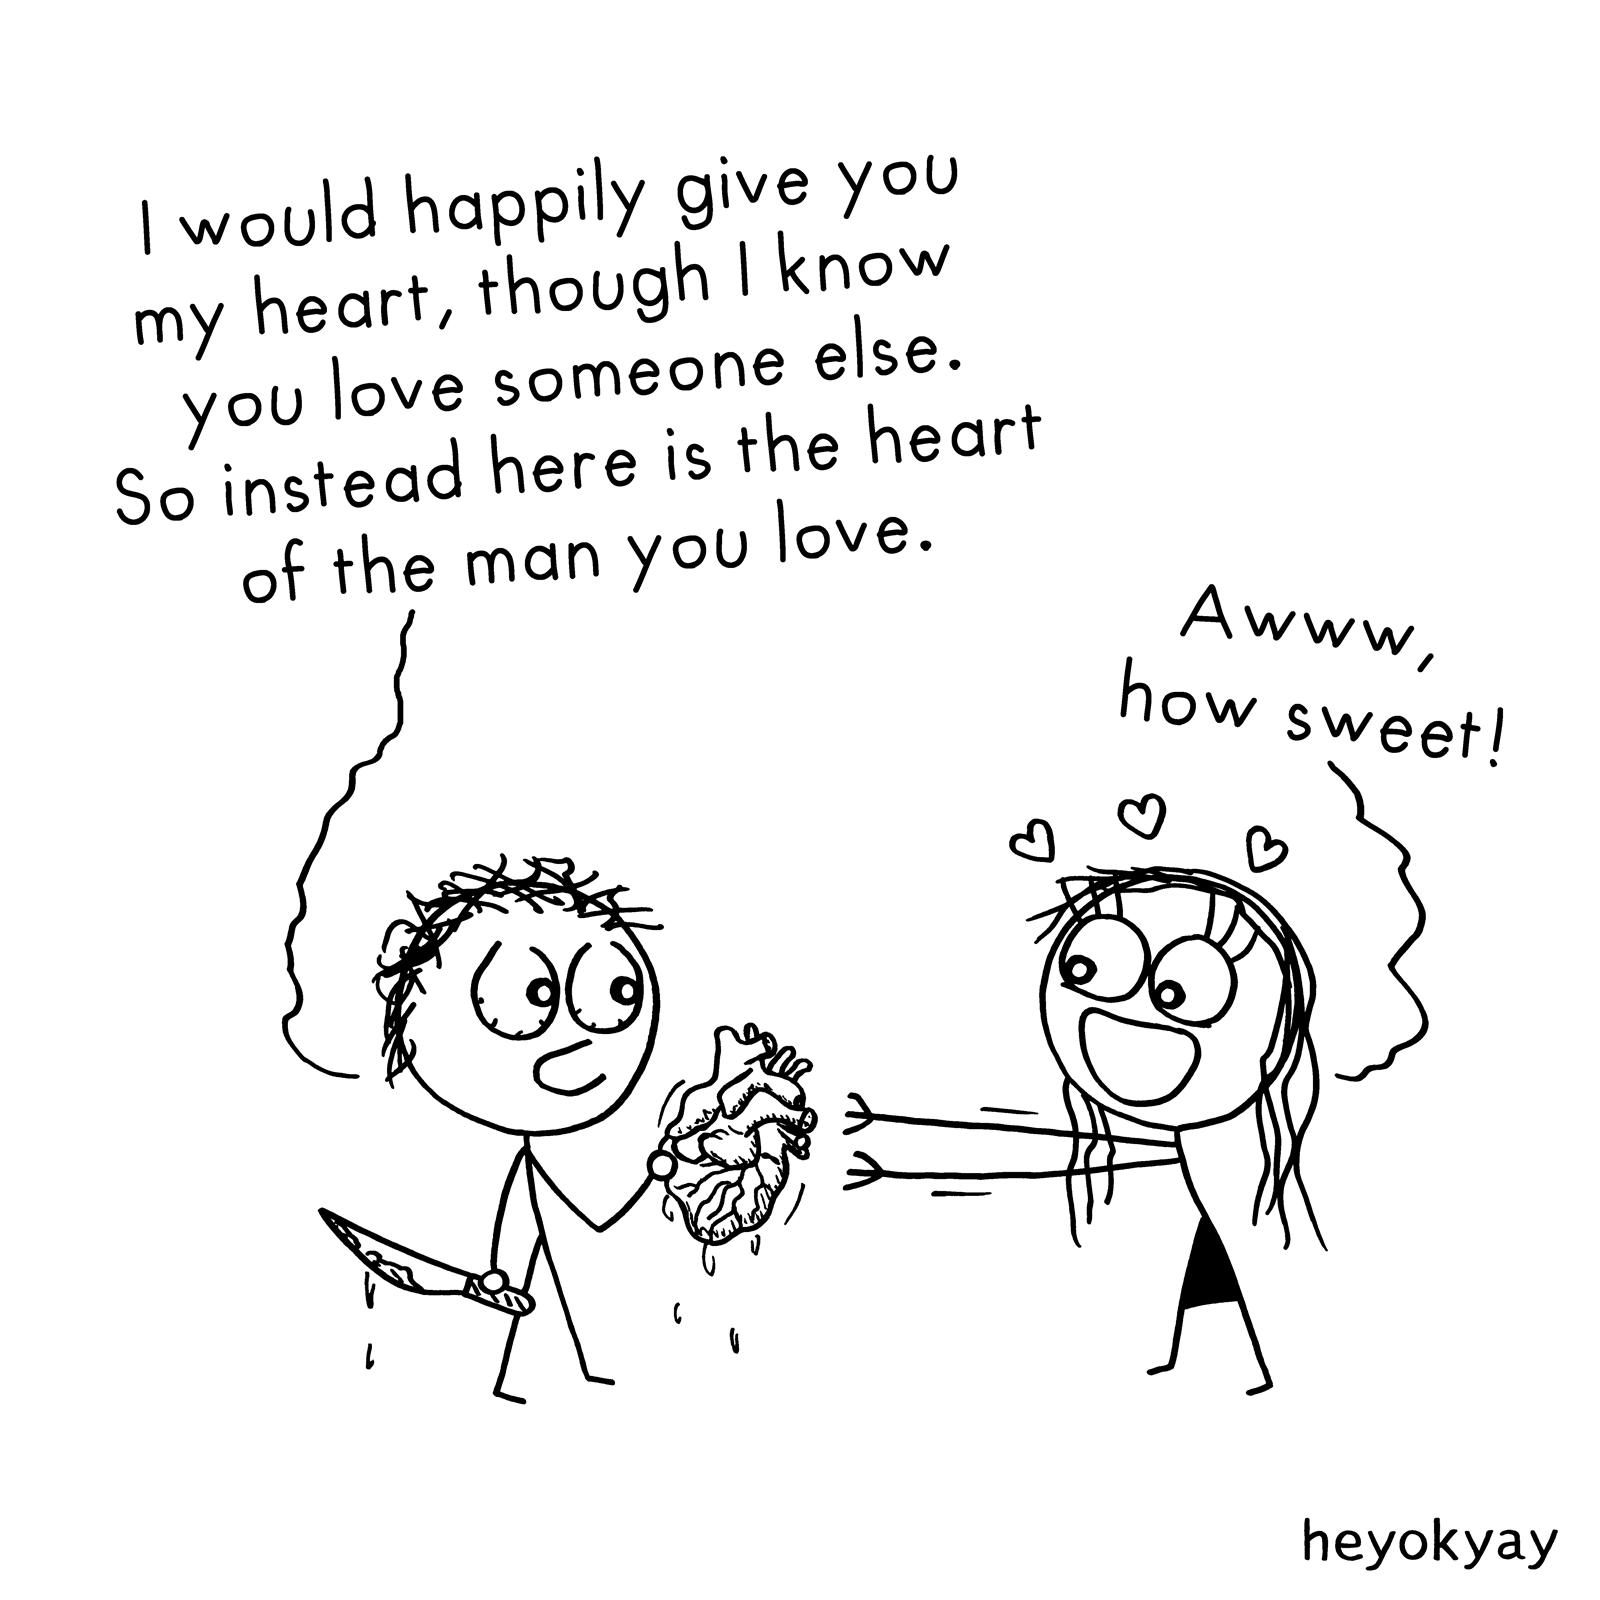 Gift heyokyay comic